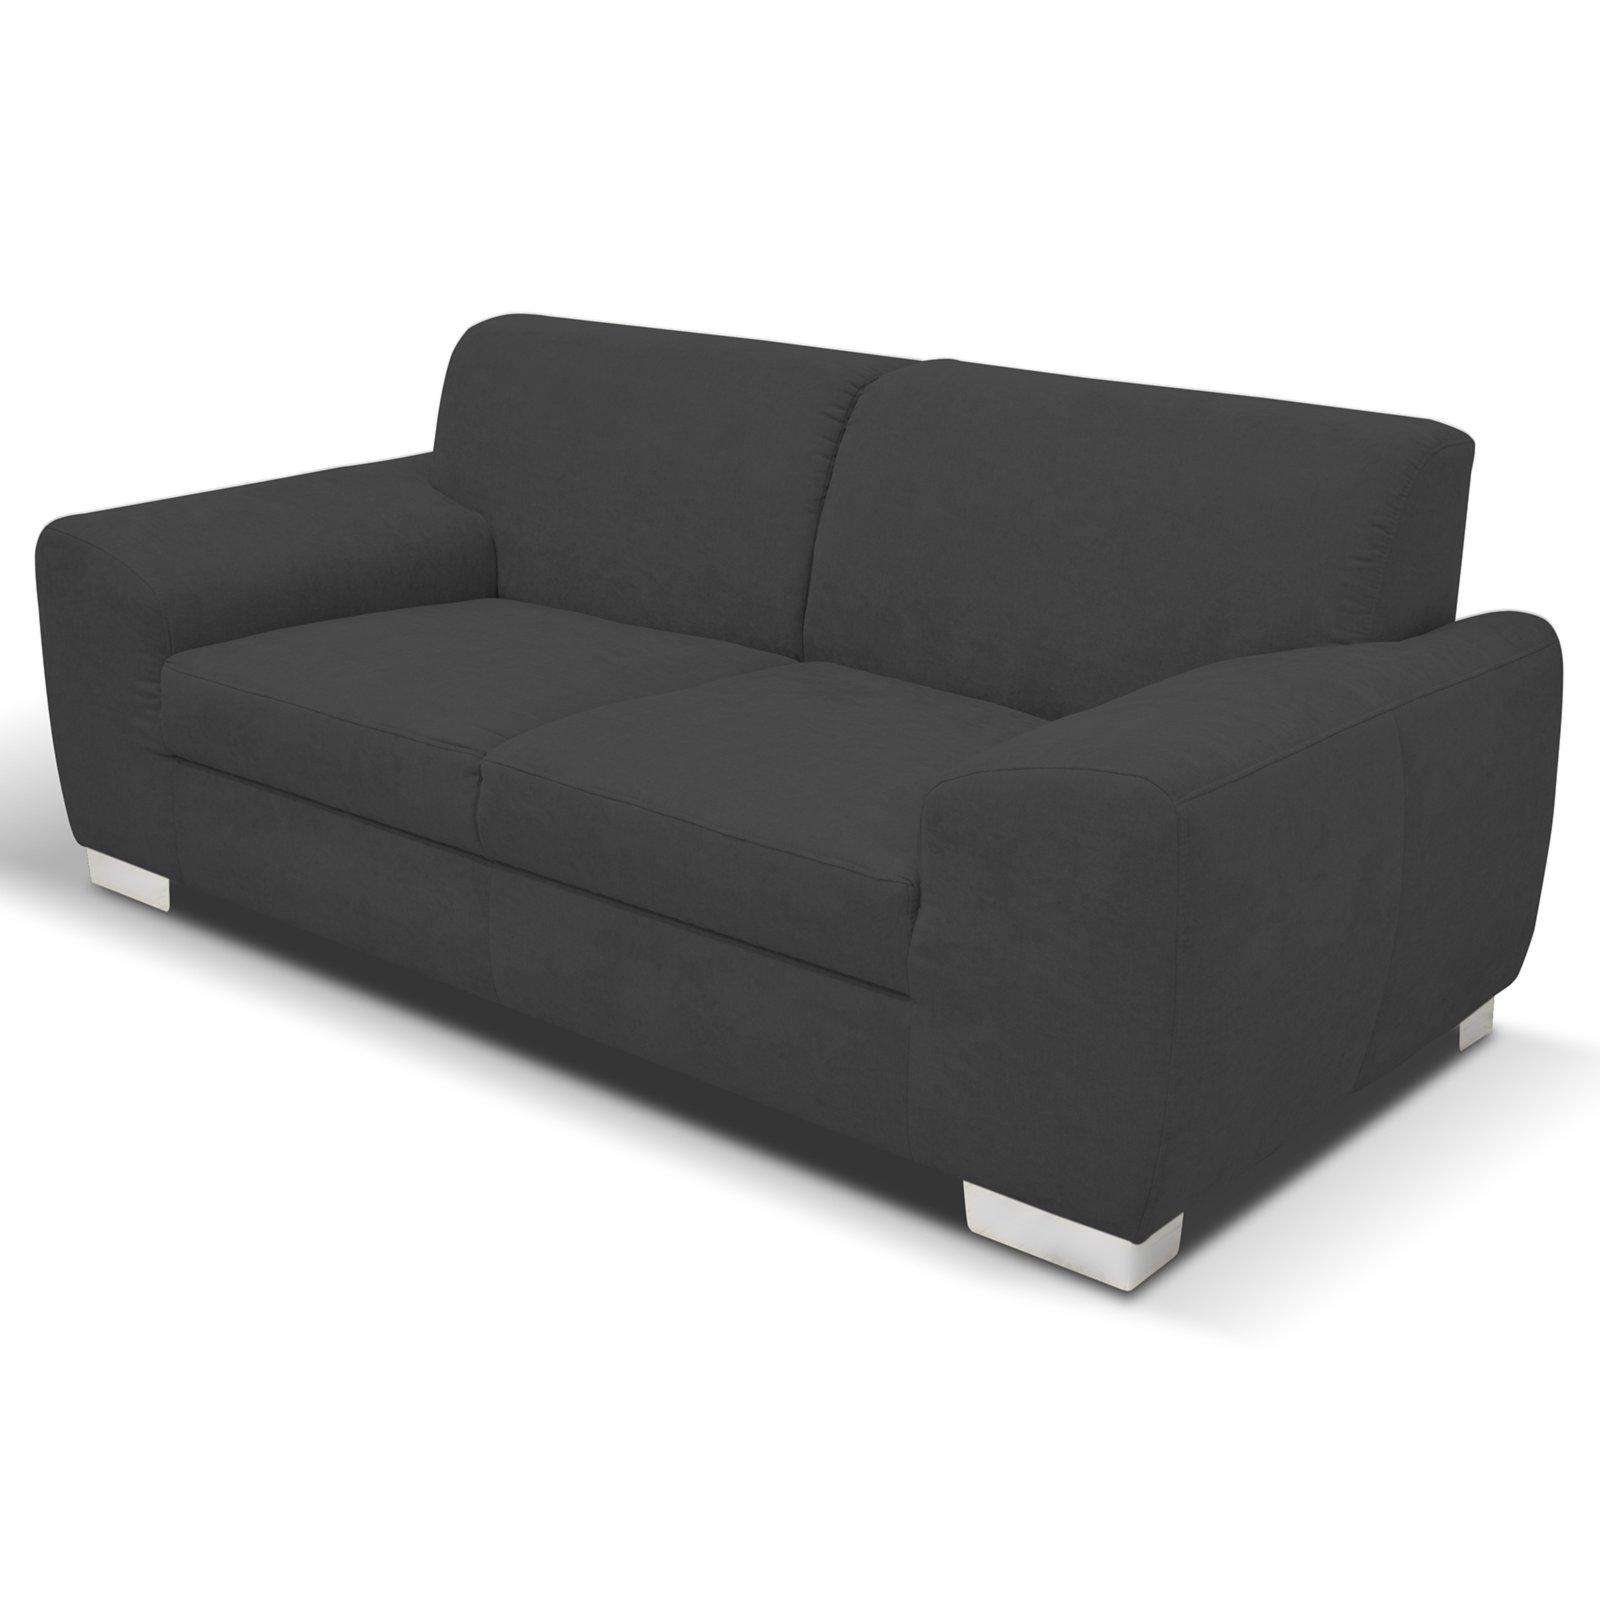 Entzückend Couch Dunkelgrau Galerie Von Sofa - - 2-sitzer